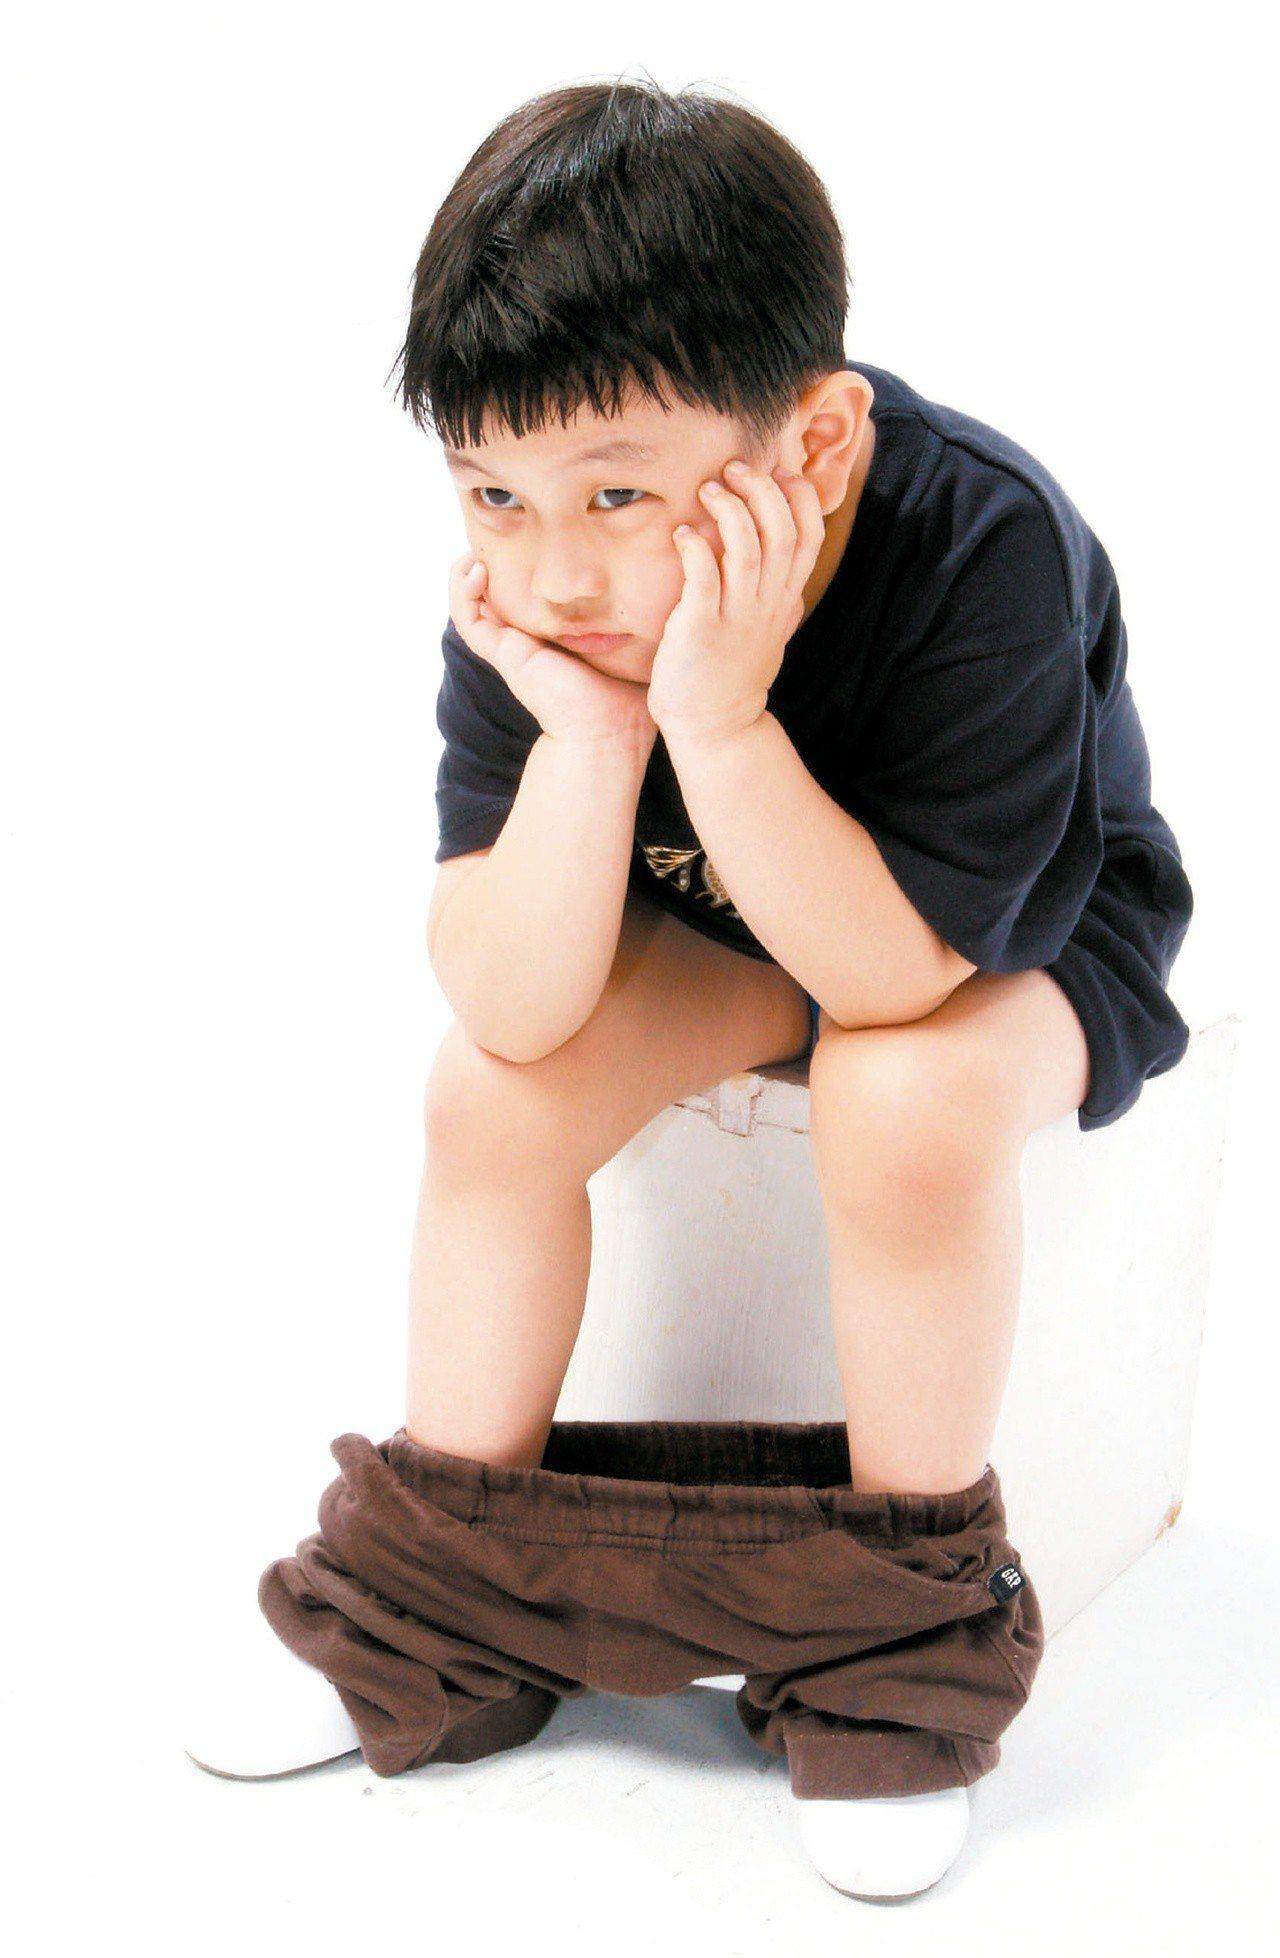 高雄榮總小兒科主治醫師張振宗表示,「10位因腹痛就診的孩子,有一半以上是便秘造成...